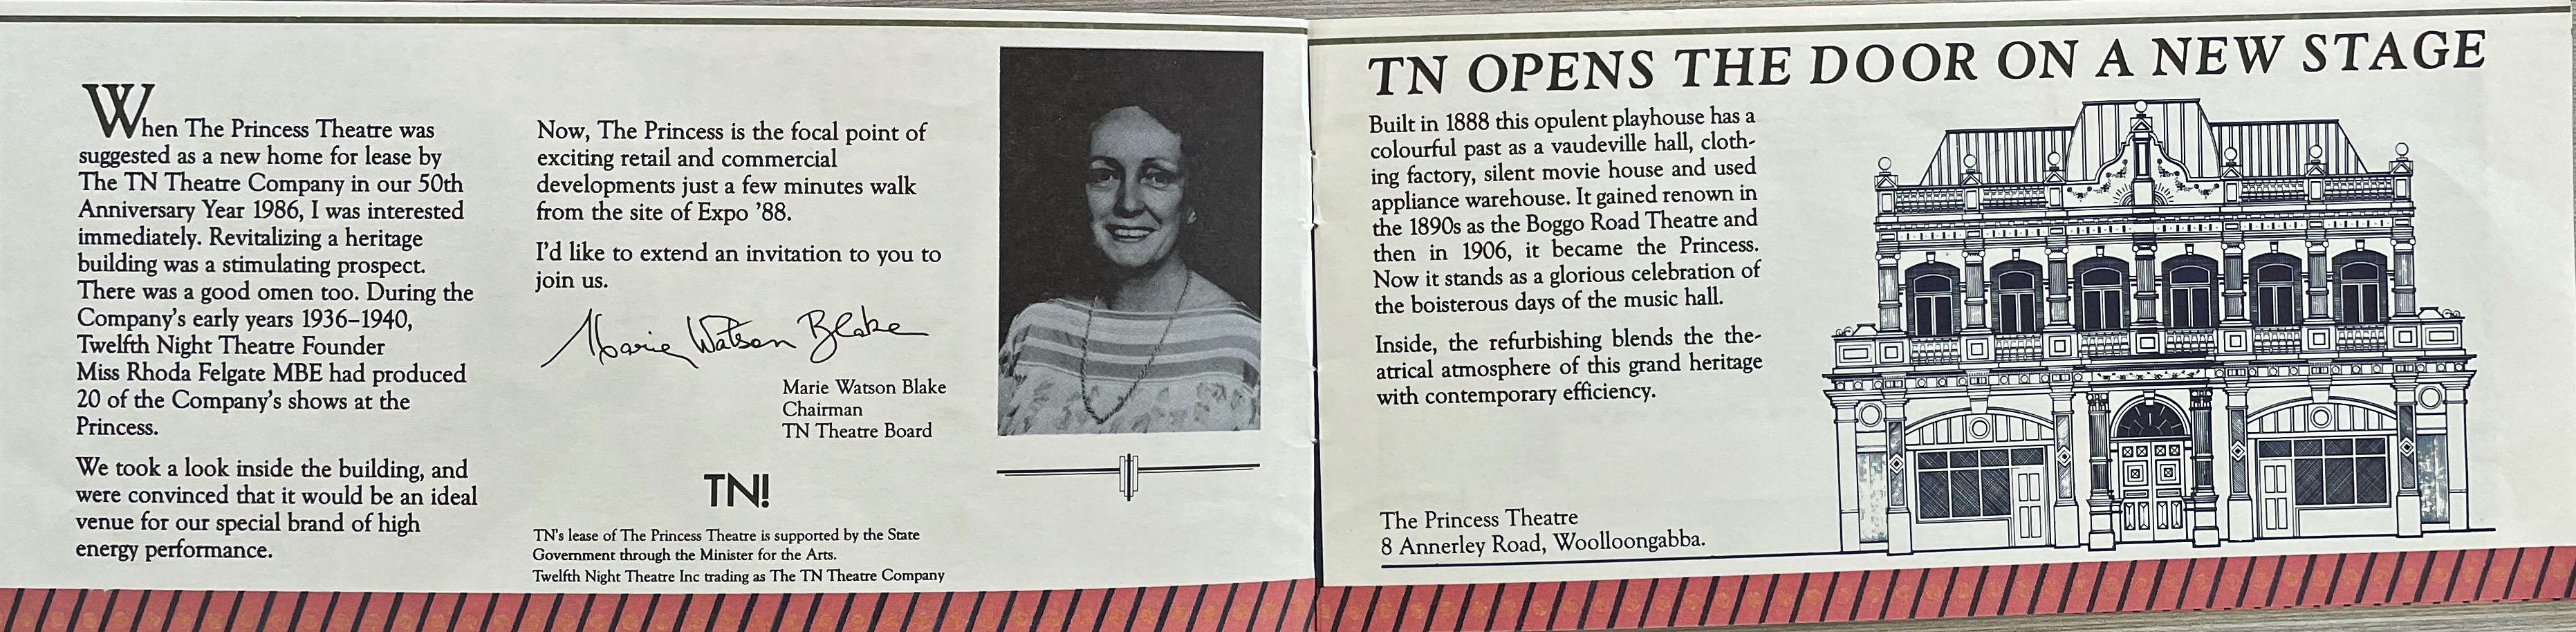 tn marketing 1986 qsa